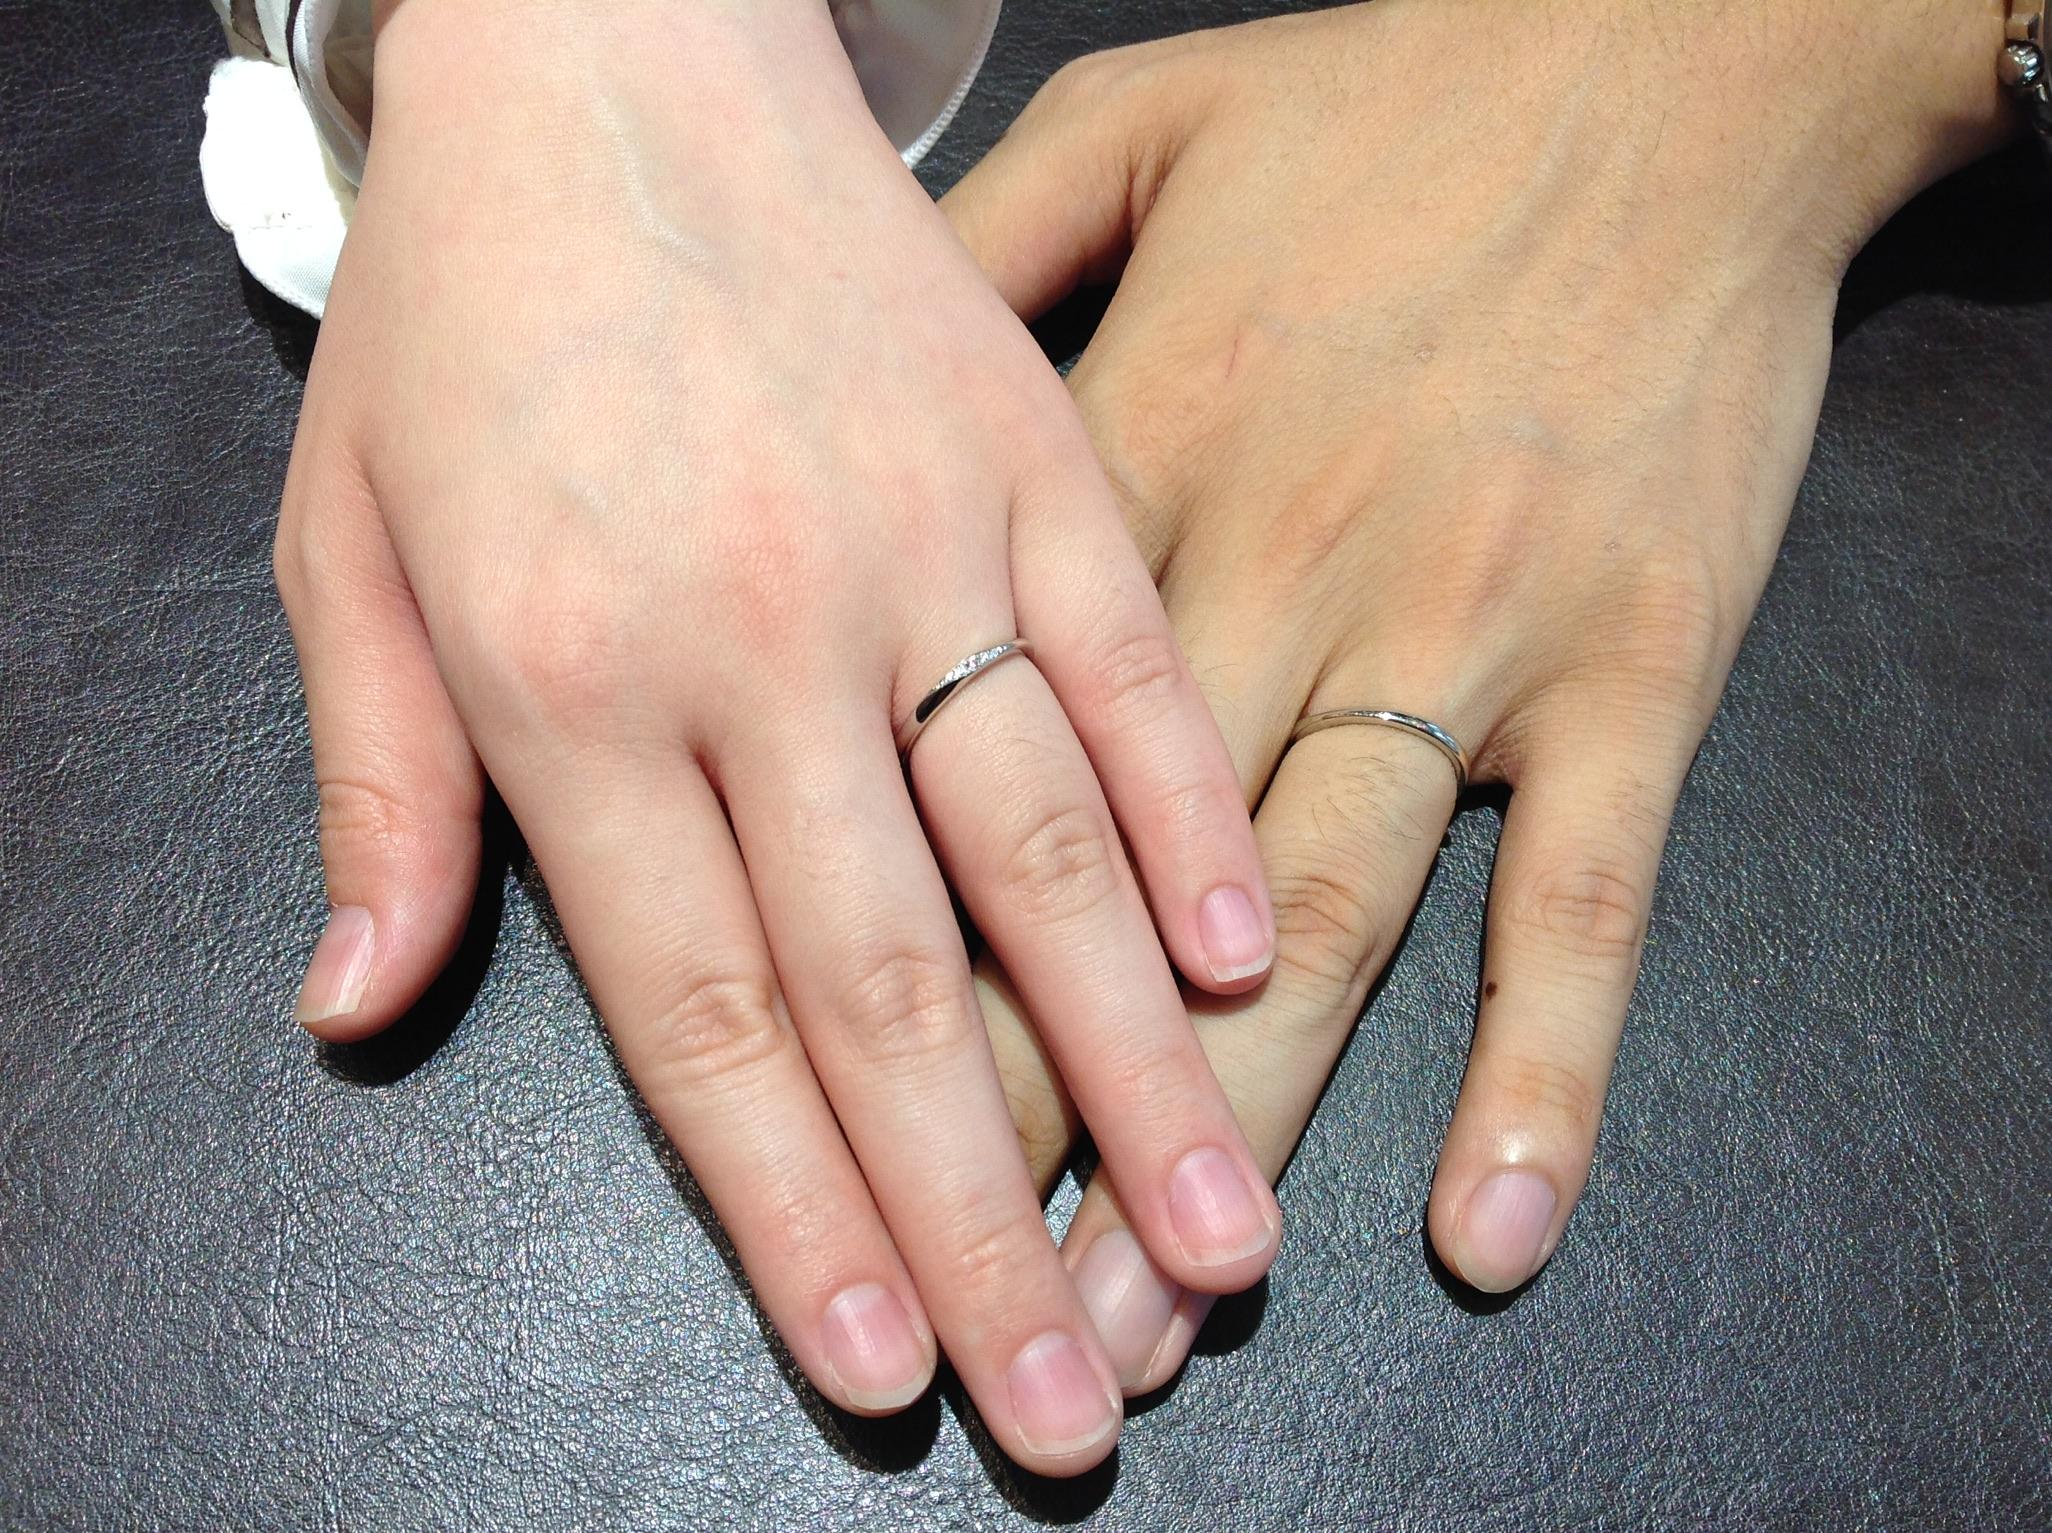 良い指輪をお迎えできて嬉しいです。のイメージ